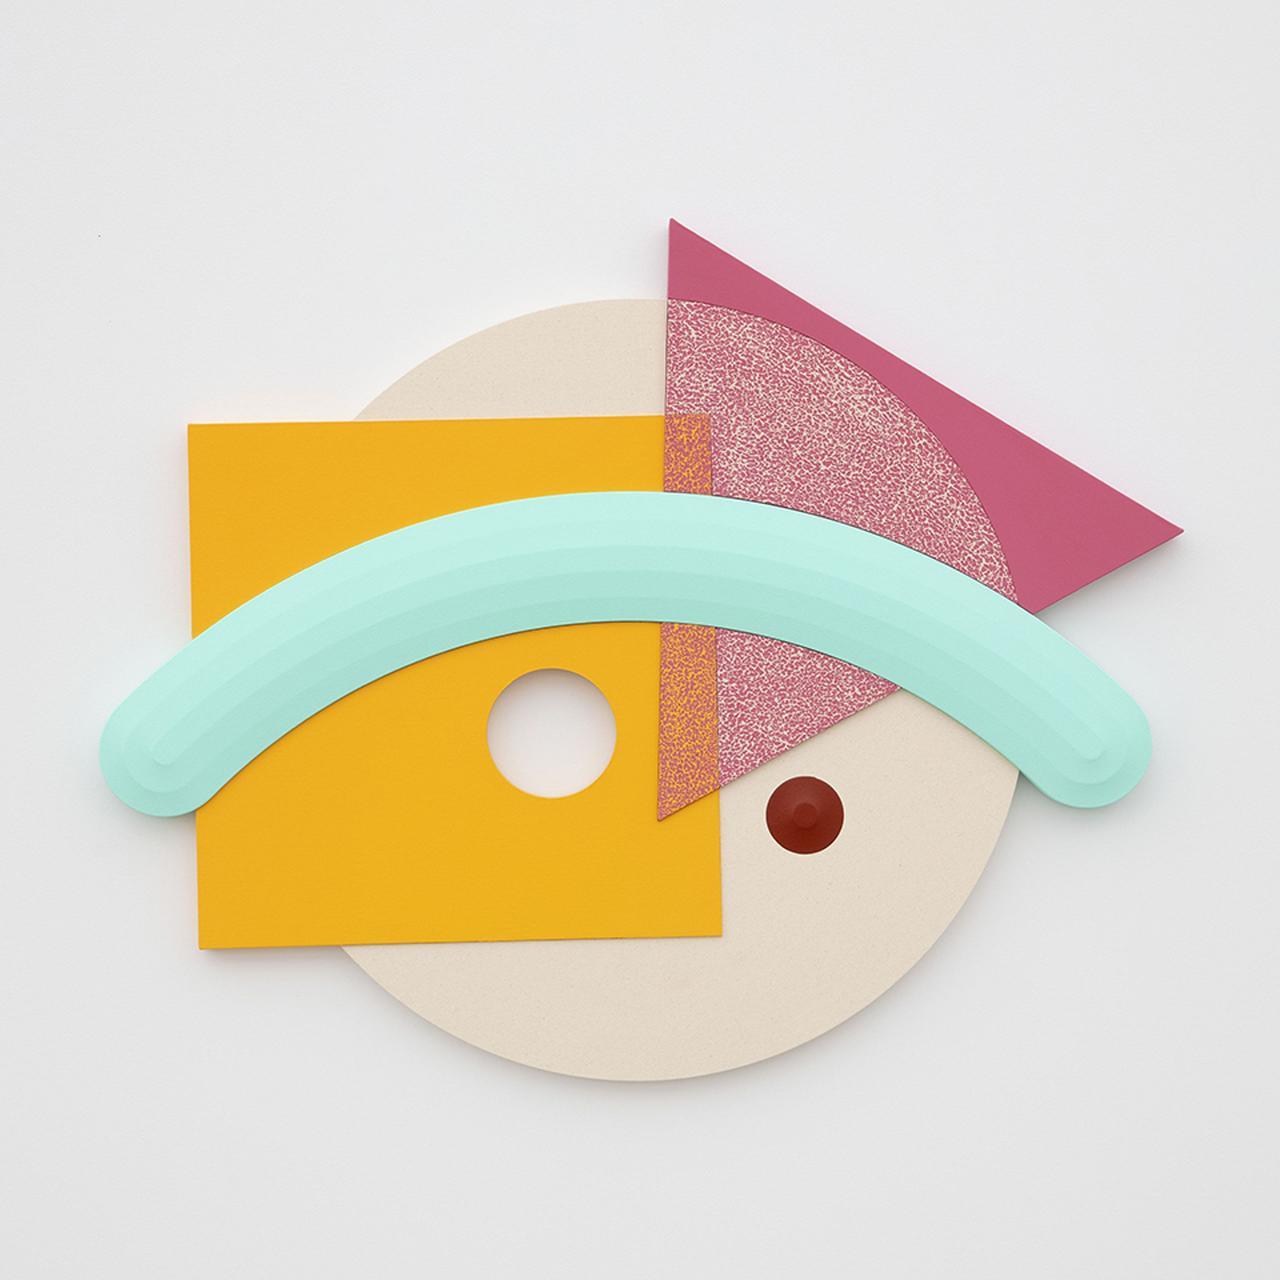 Images : 13番目の画像 - 「色彩とかたちをあやつる ジョシュ・スパーリングの 新しい抽象芸術」のアルバム - T JAPAN:The New York Times Style Magazine 公式サイト